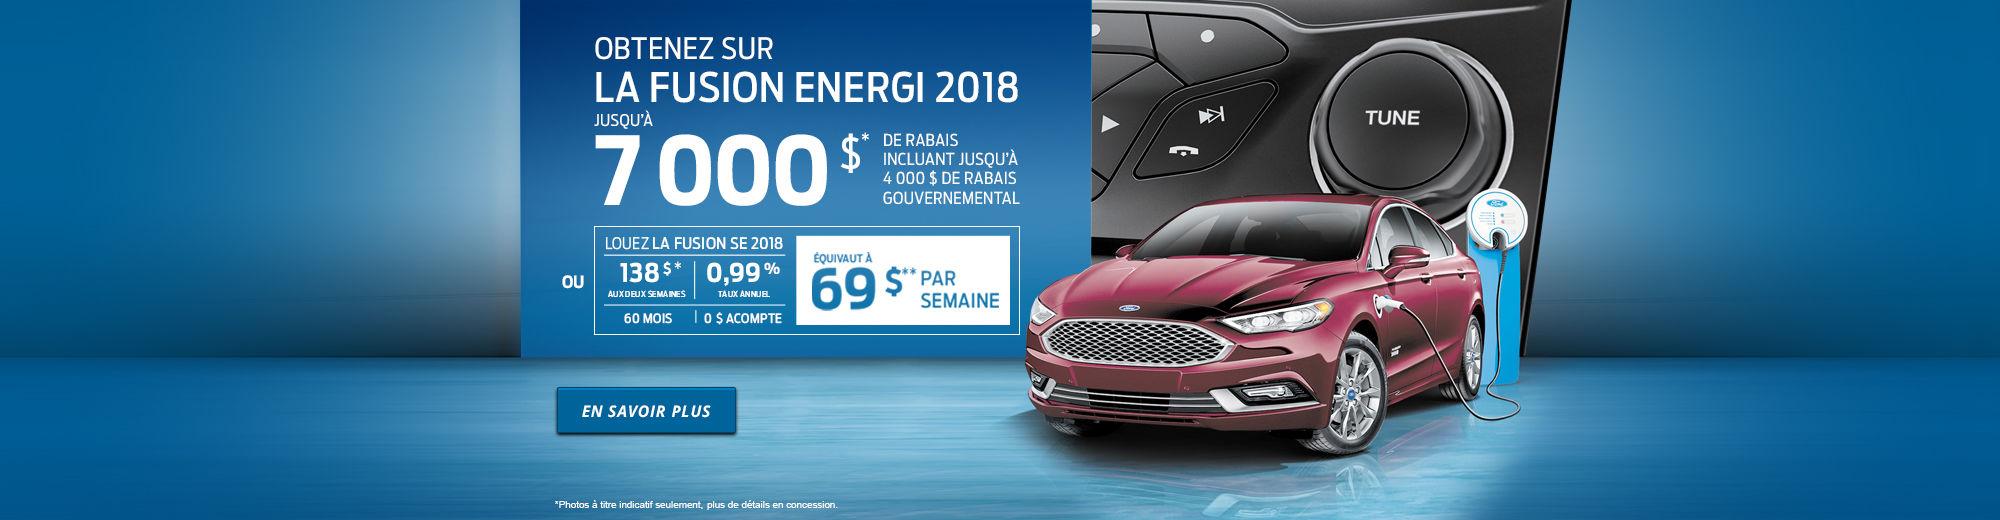 7 000 $ DE RABAIS - Fusion Energi 2018